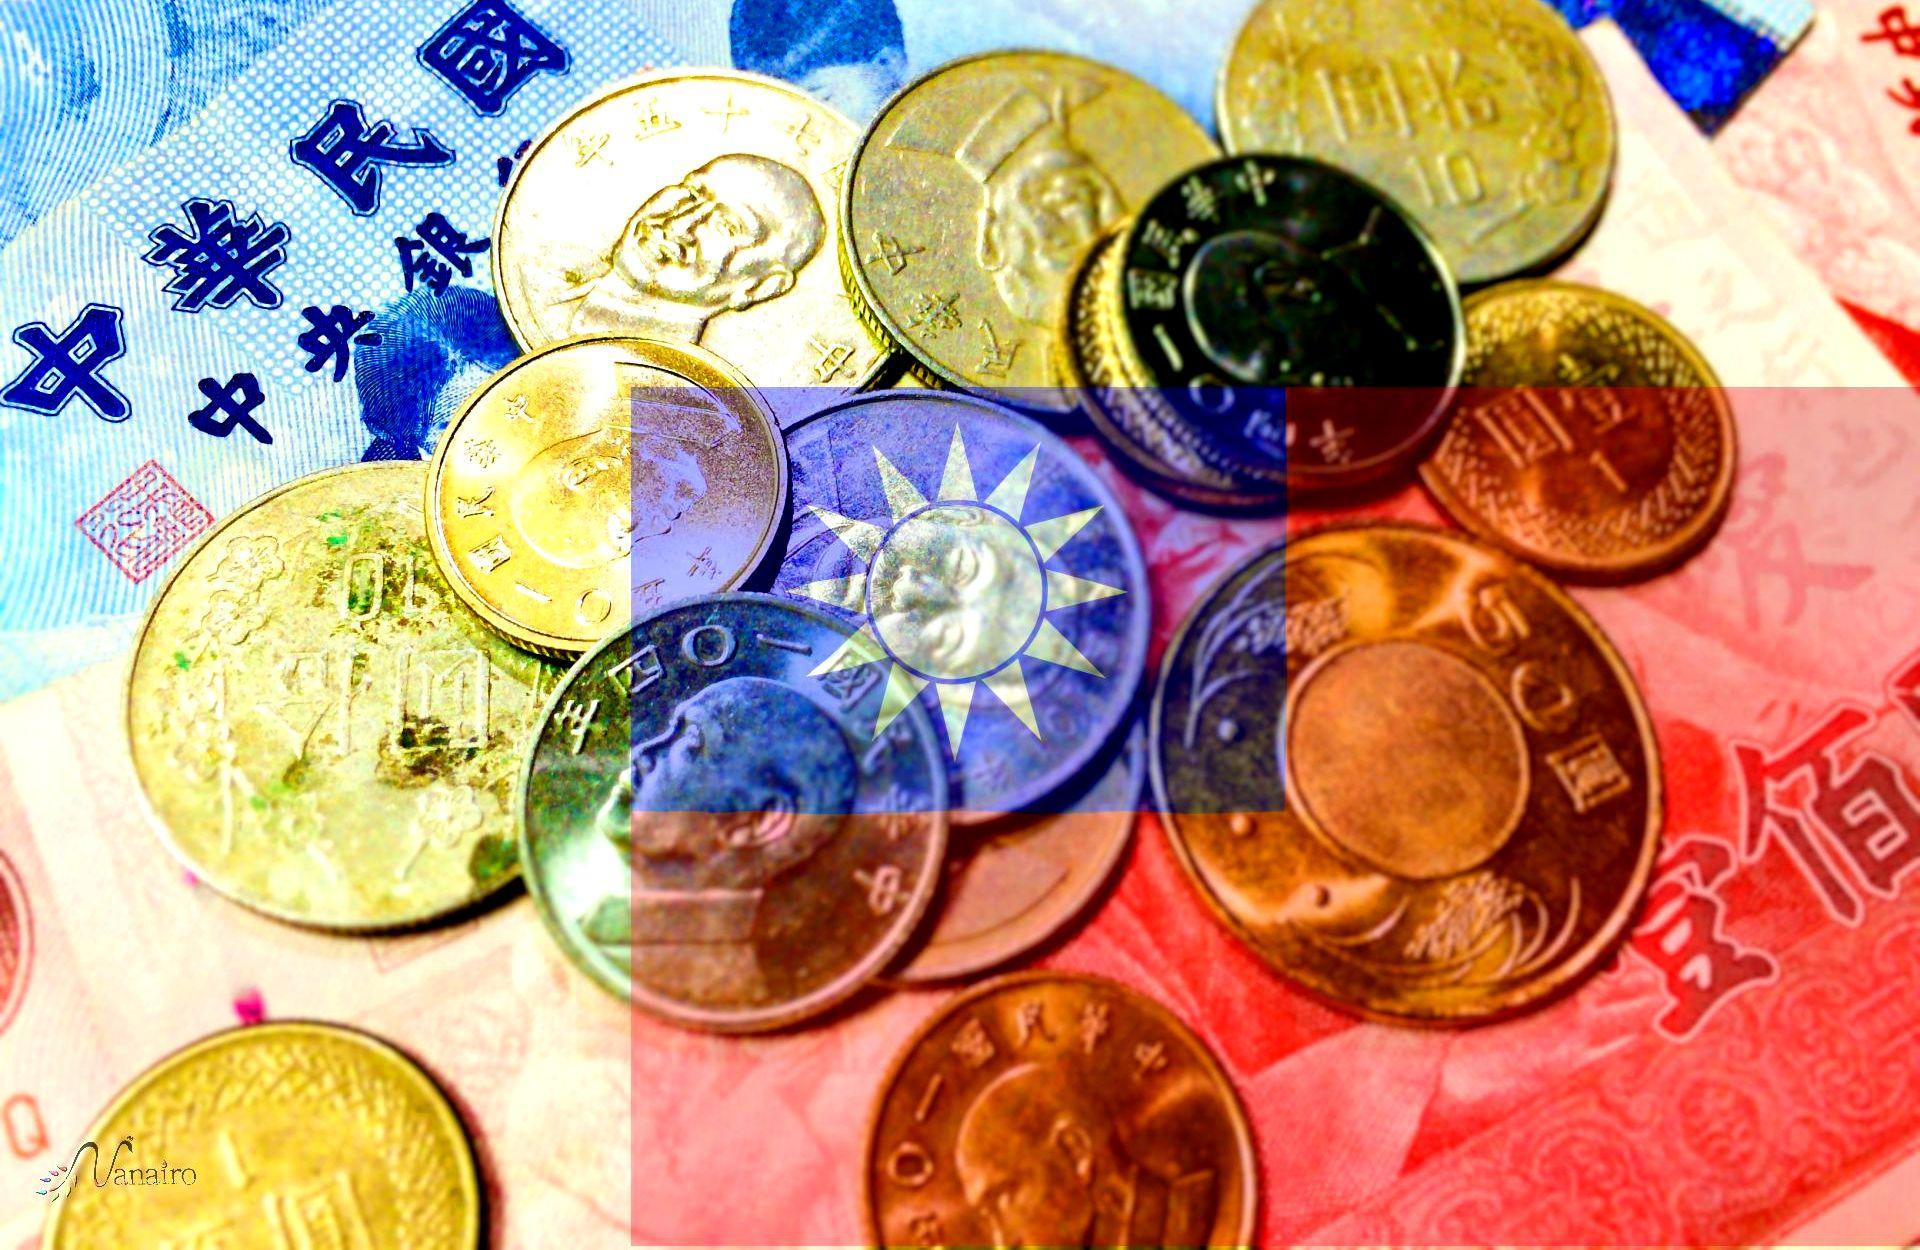 台湾のお金と種類(台湾ドル・台湾元・NT$・NTD・TWD)